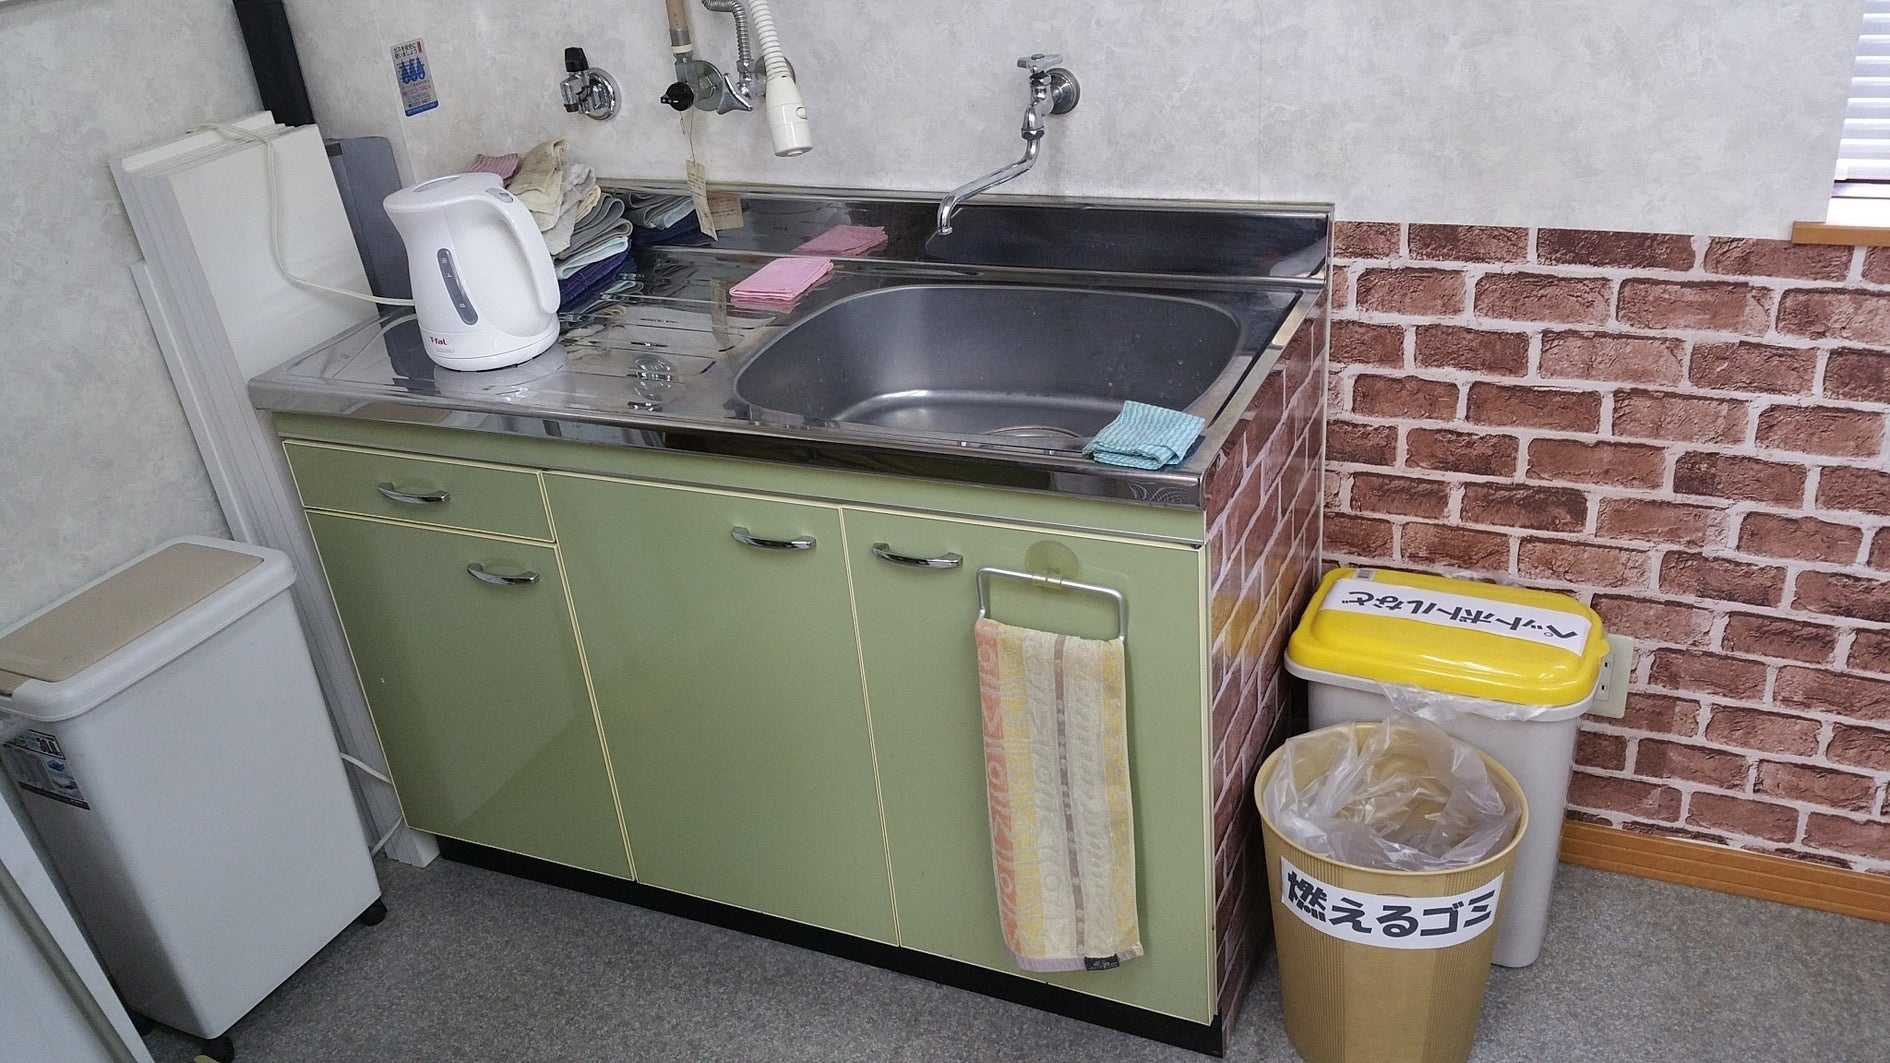 小さな台所と湯沸かし器(ティファール1.2リットル) ※ガスは使用できません